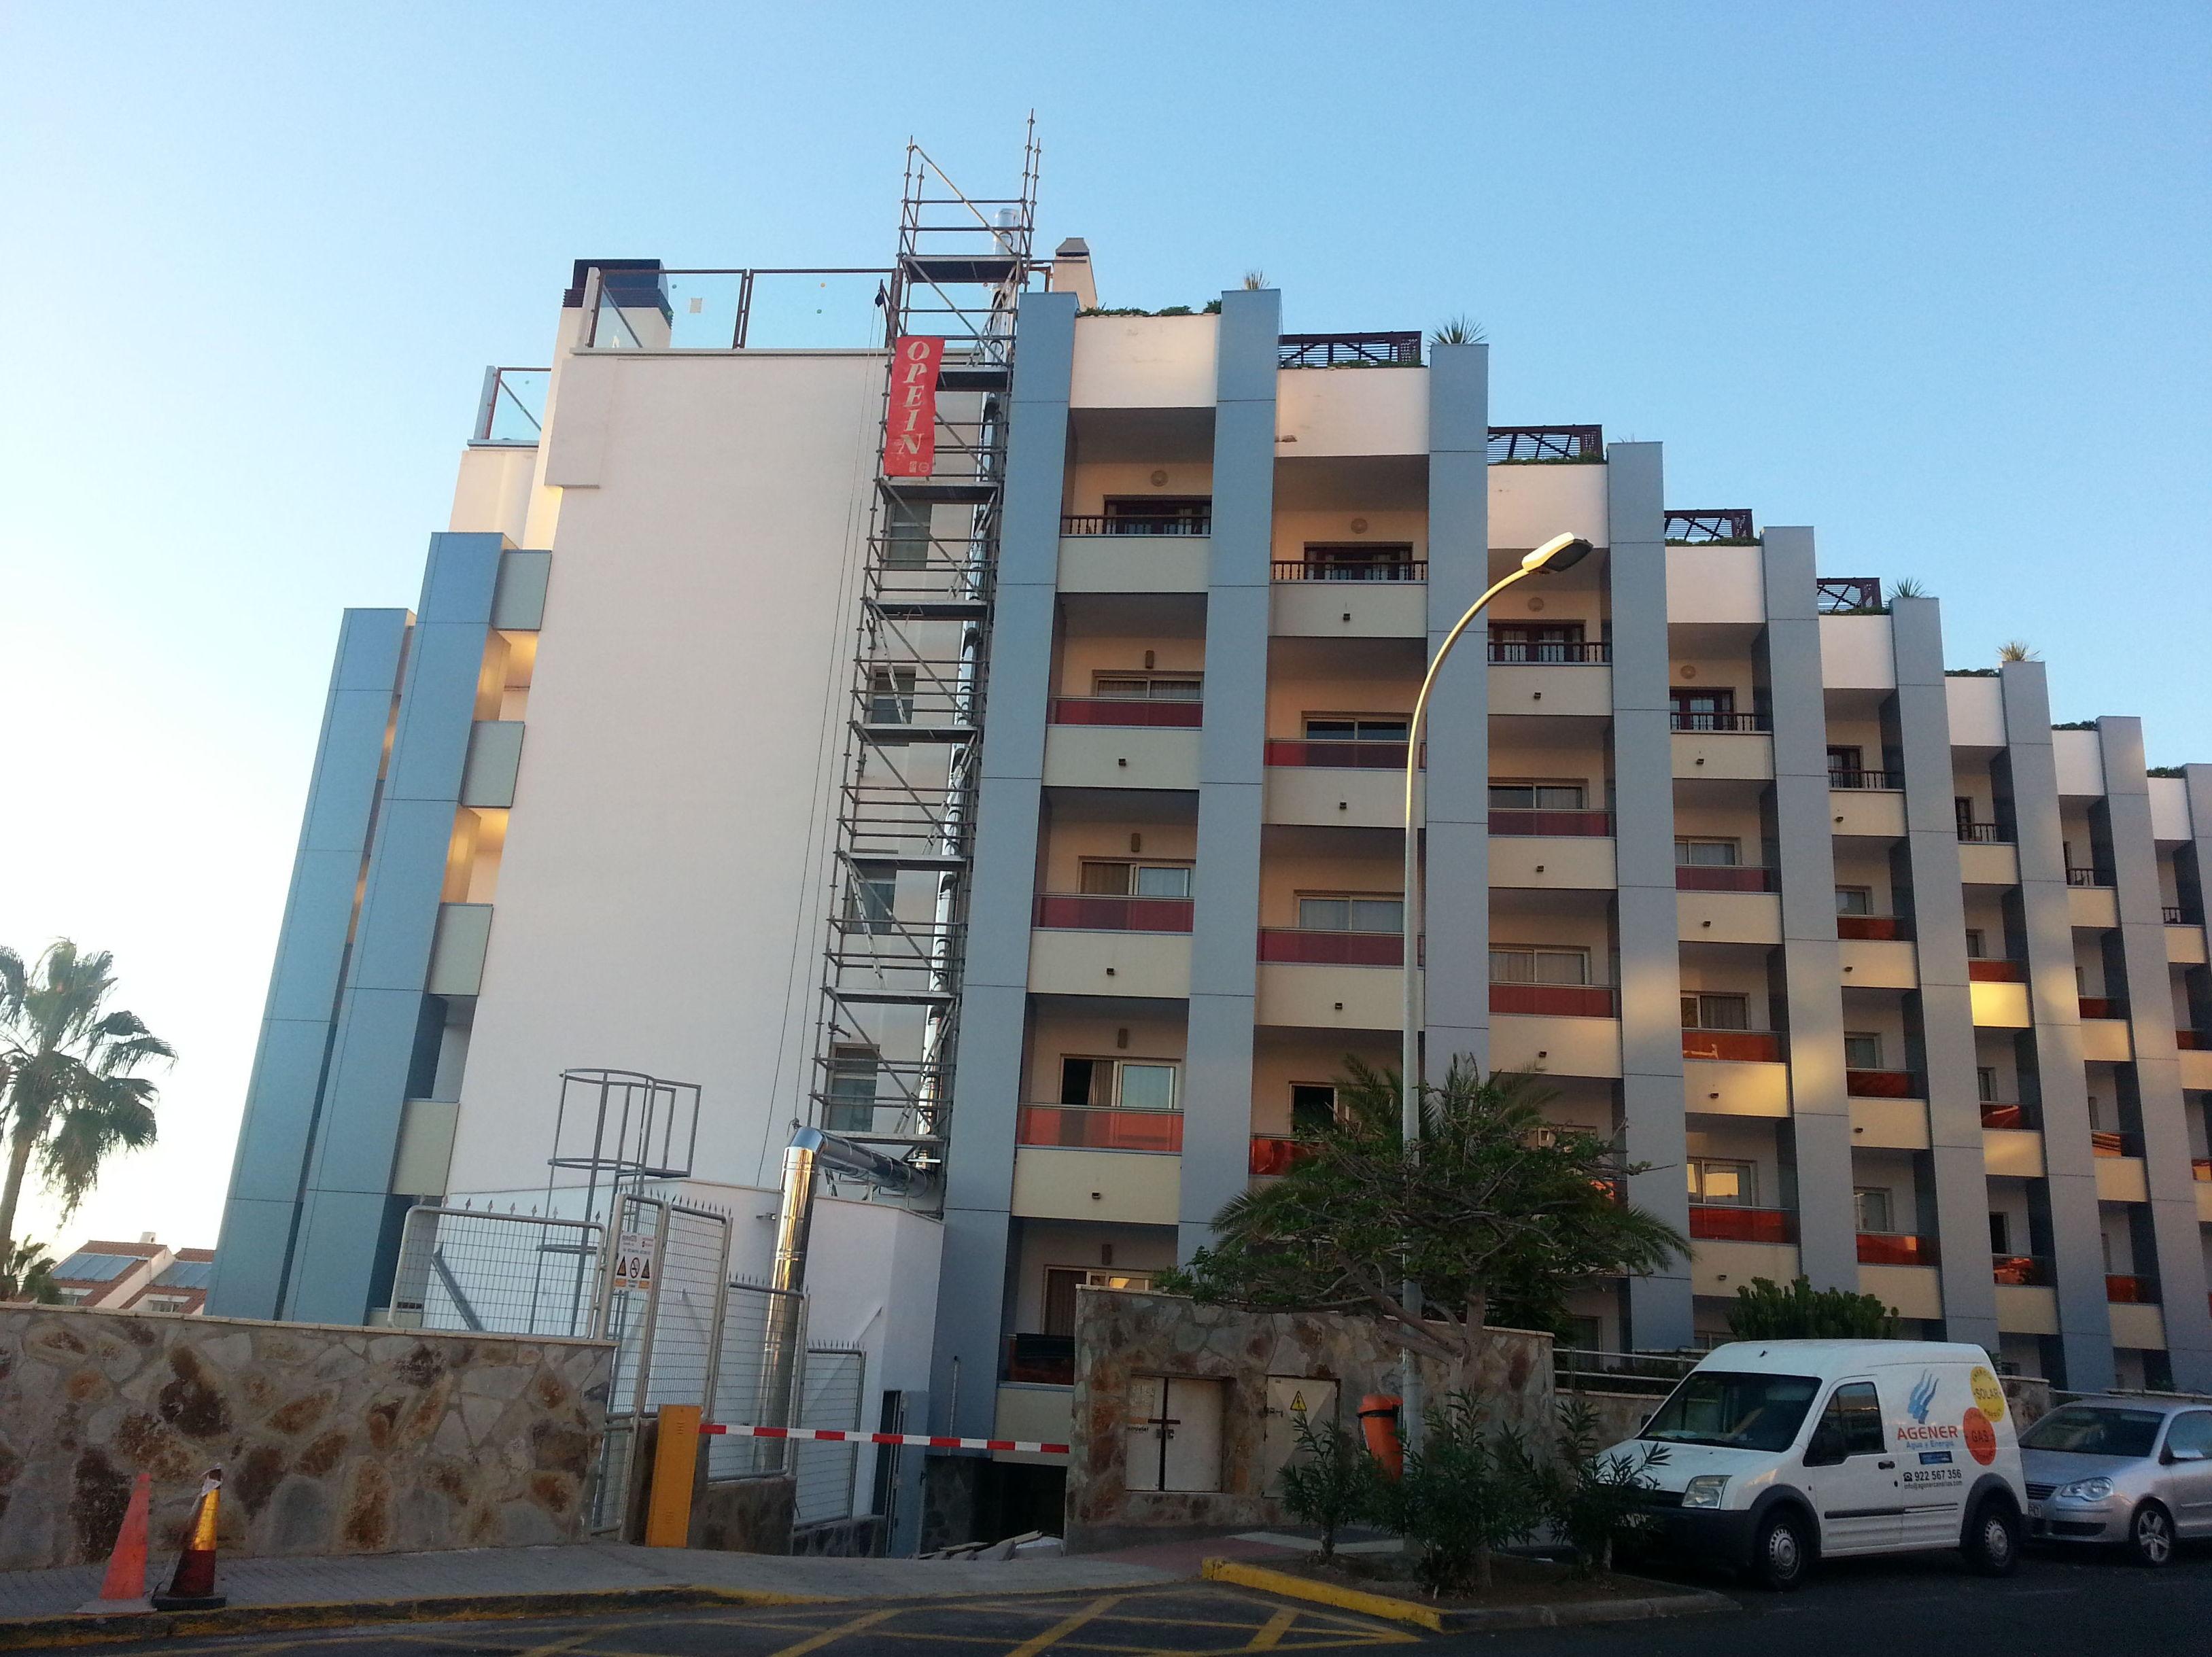 Picture 34 of Energía solar in Longuera Los Realejos | AGENER CANARIAS